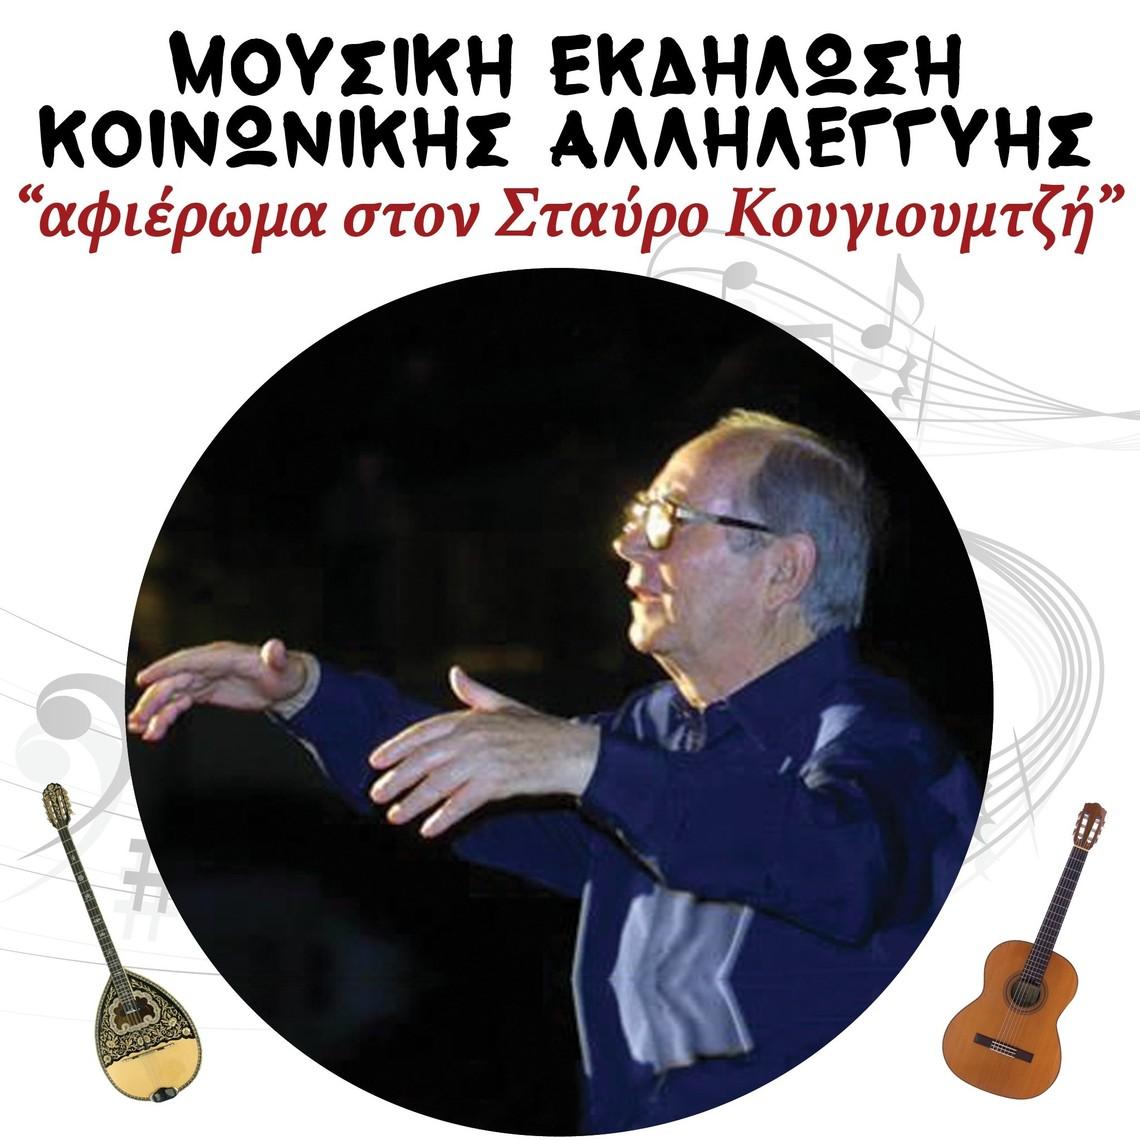 Αφιέρωμα στον Σταύρο Κουγιουμτζή στο Δημοτικό Θέατρο Καλαμαριάς